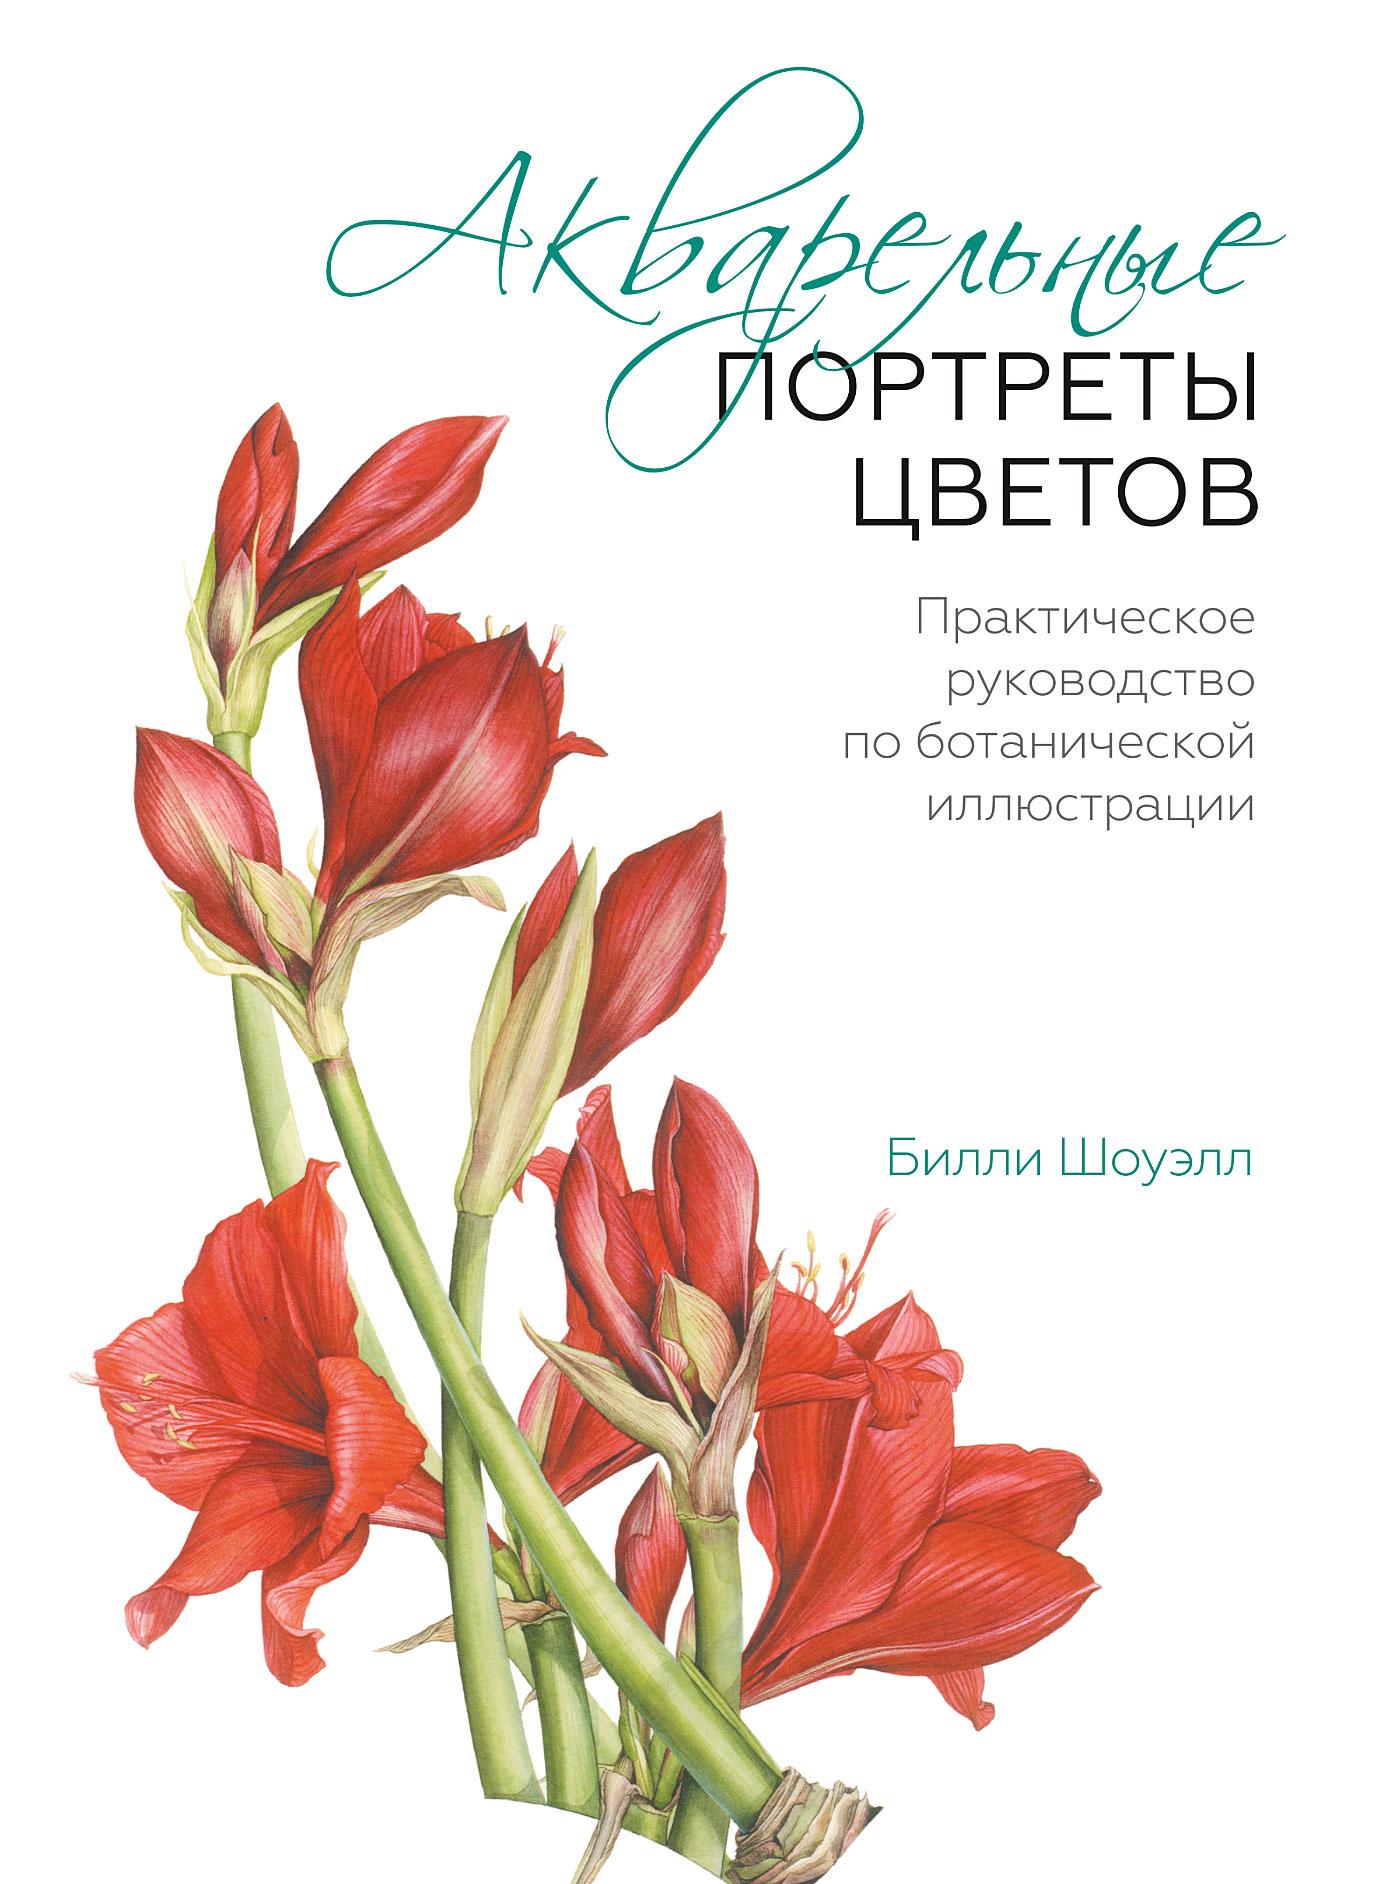 Билли Шоуэлл Акварельные портреты цветов. Практическое руководство по ботанической иллюстрации